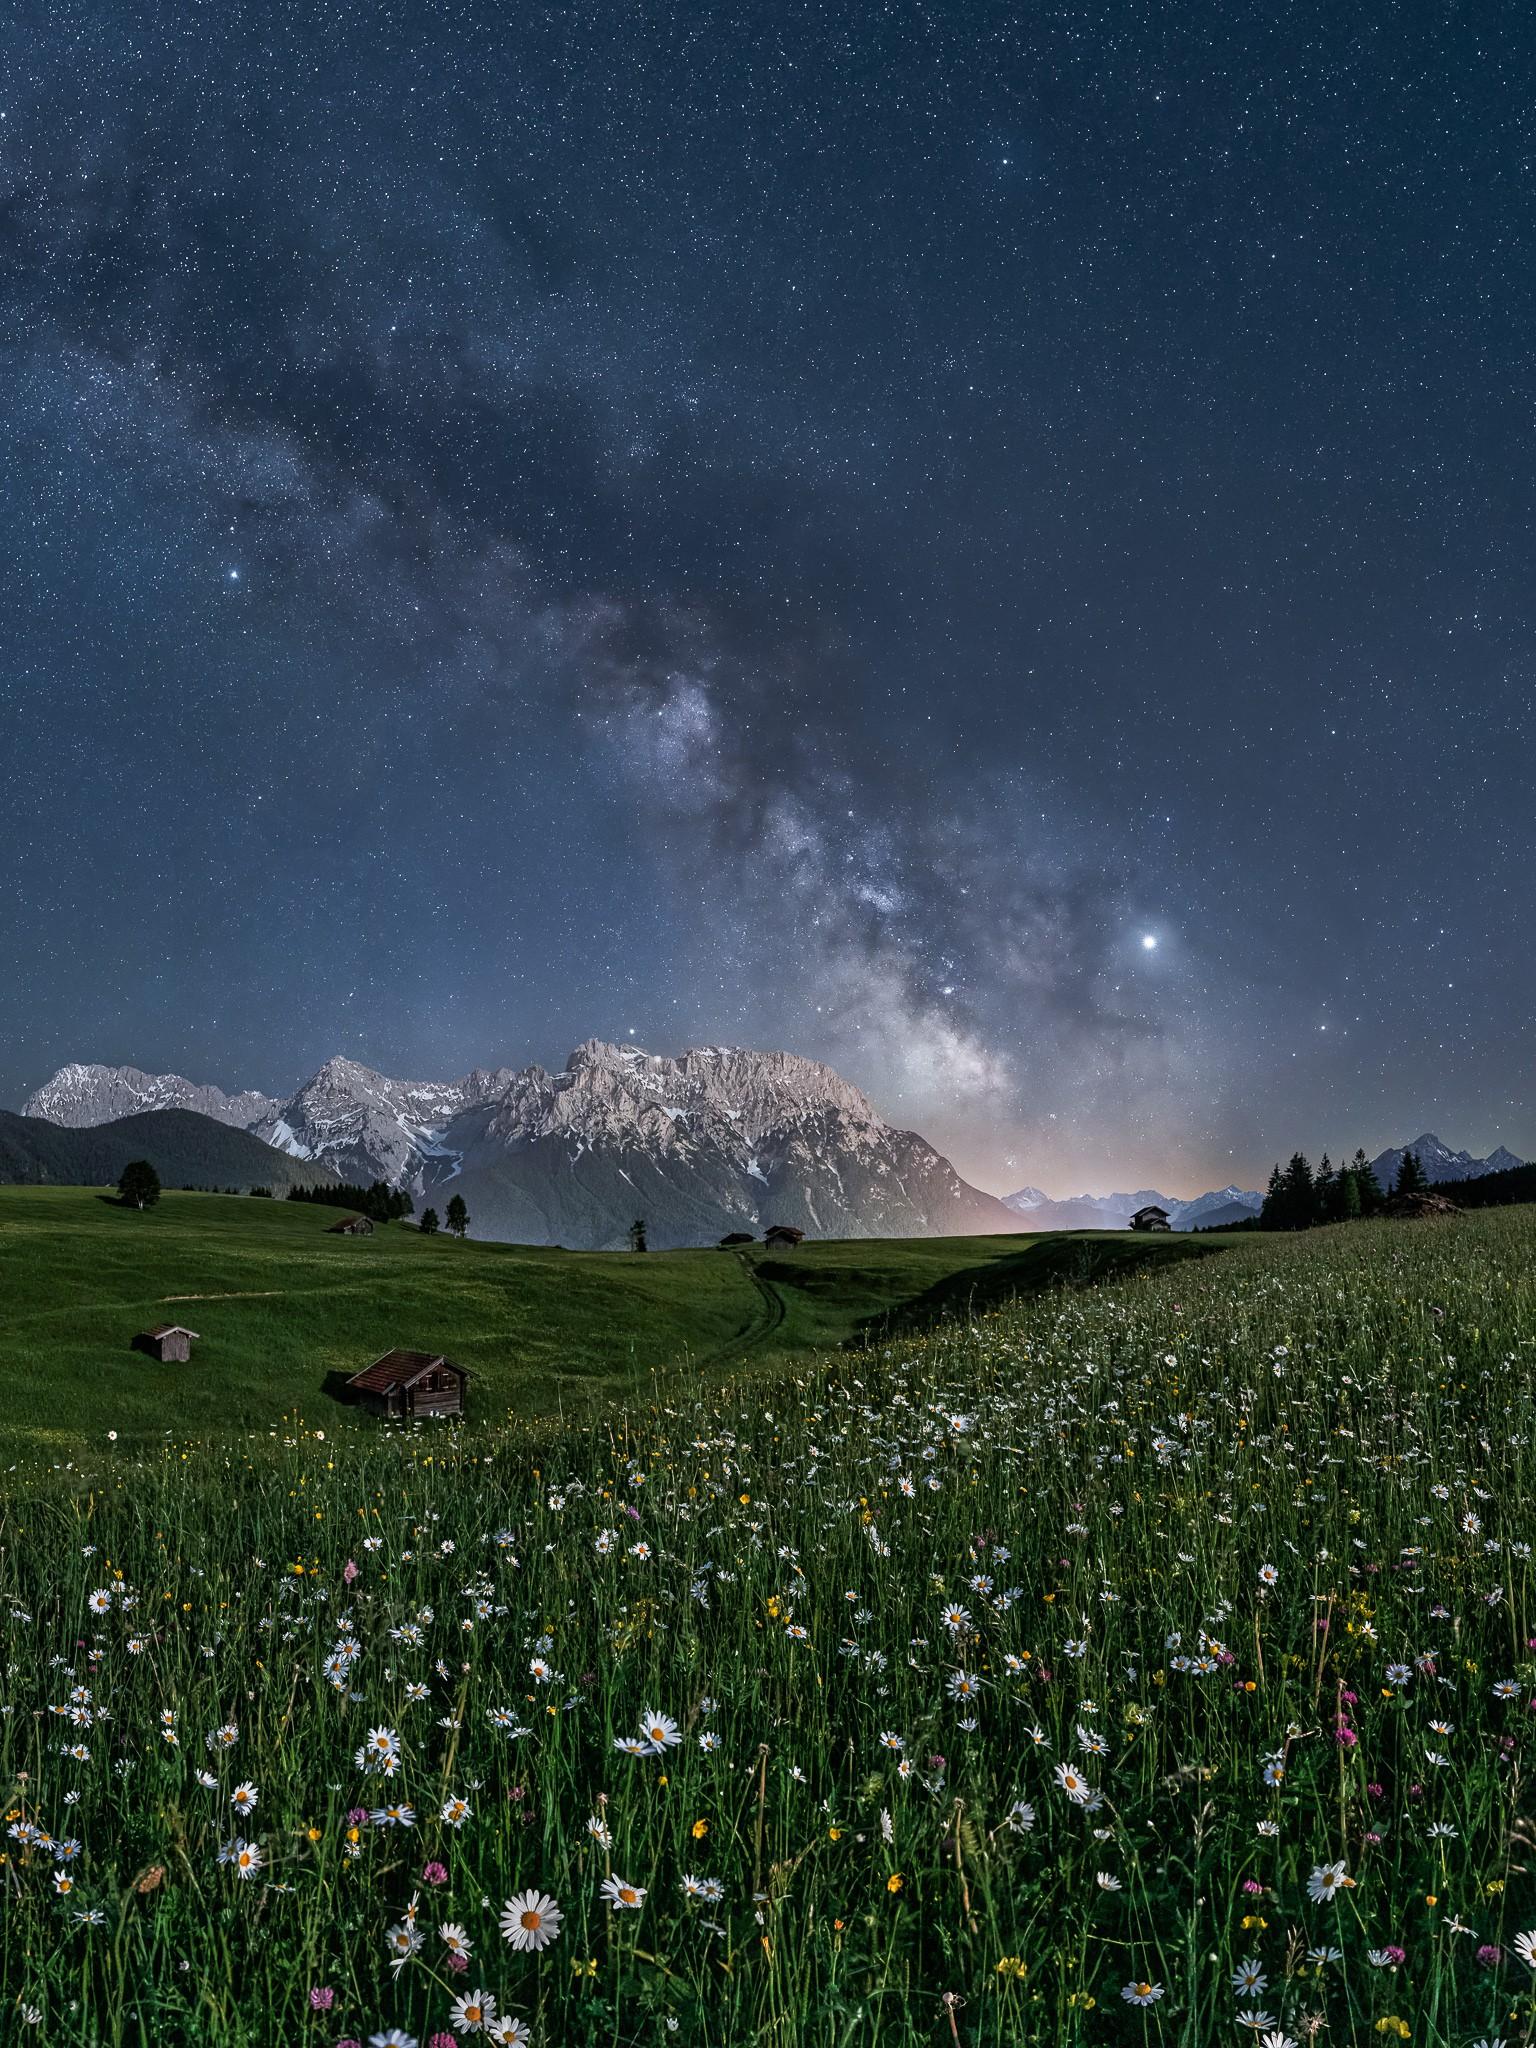 Sternenhimmel mit Margeriten - Karwendel